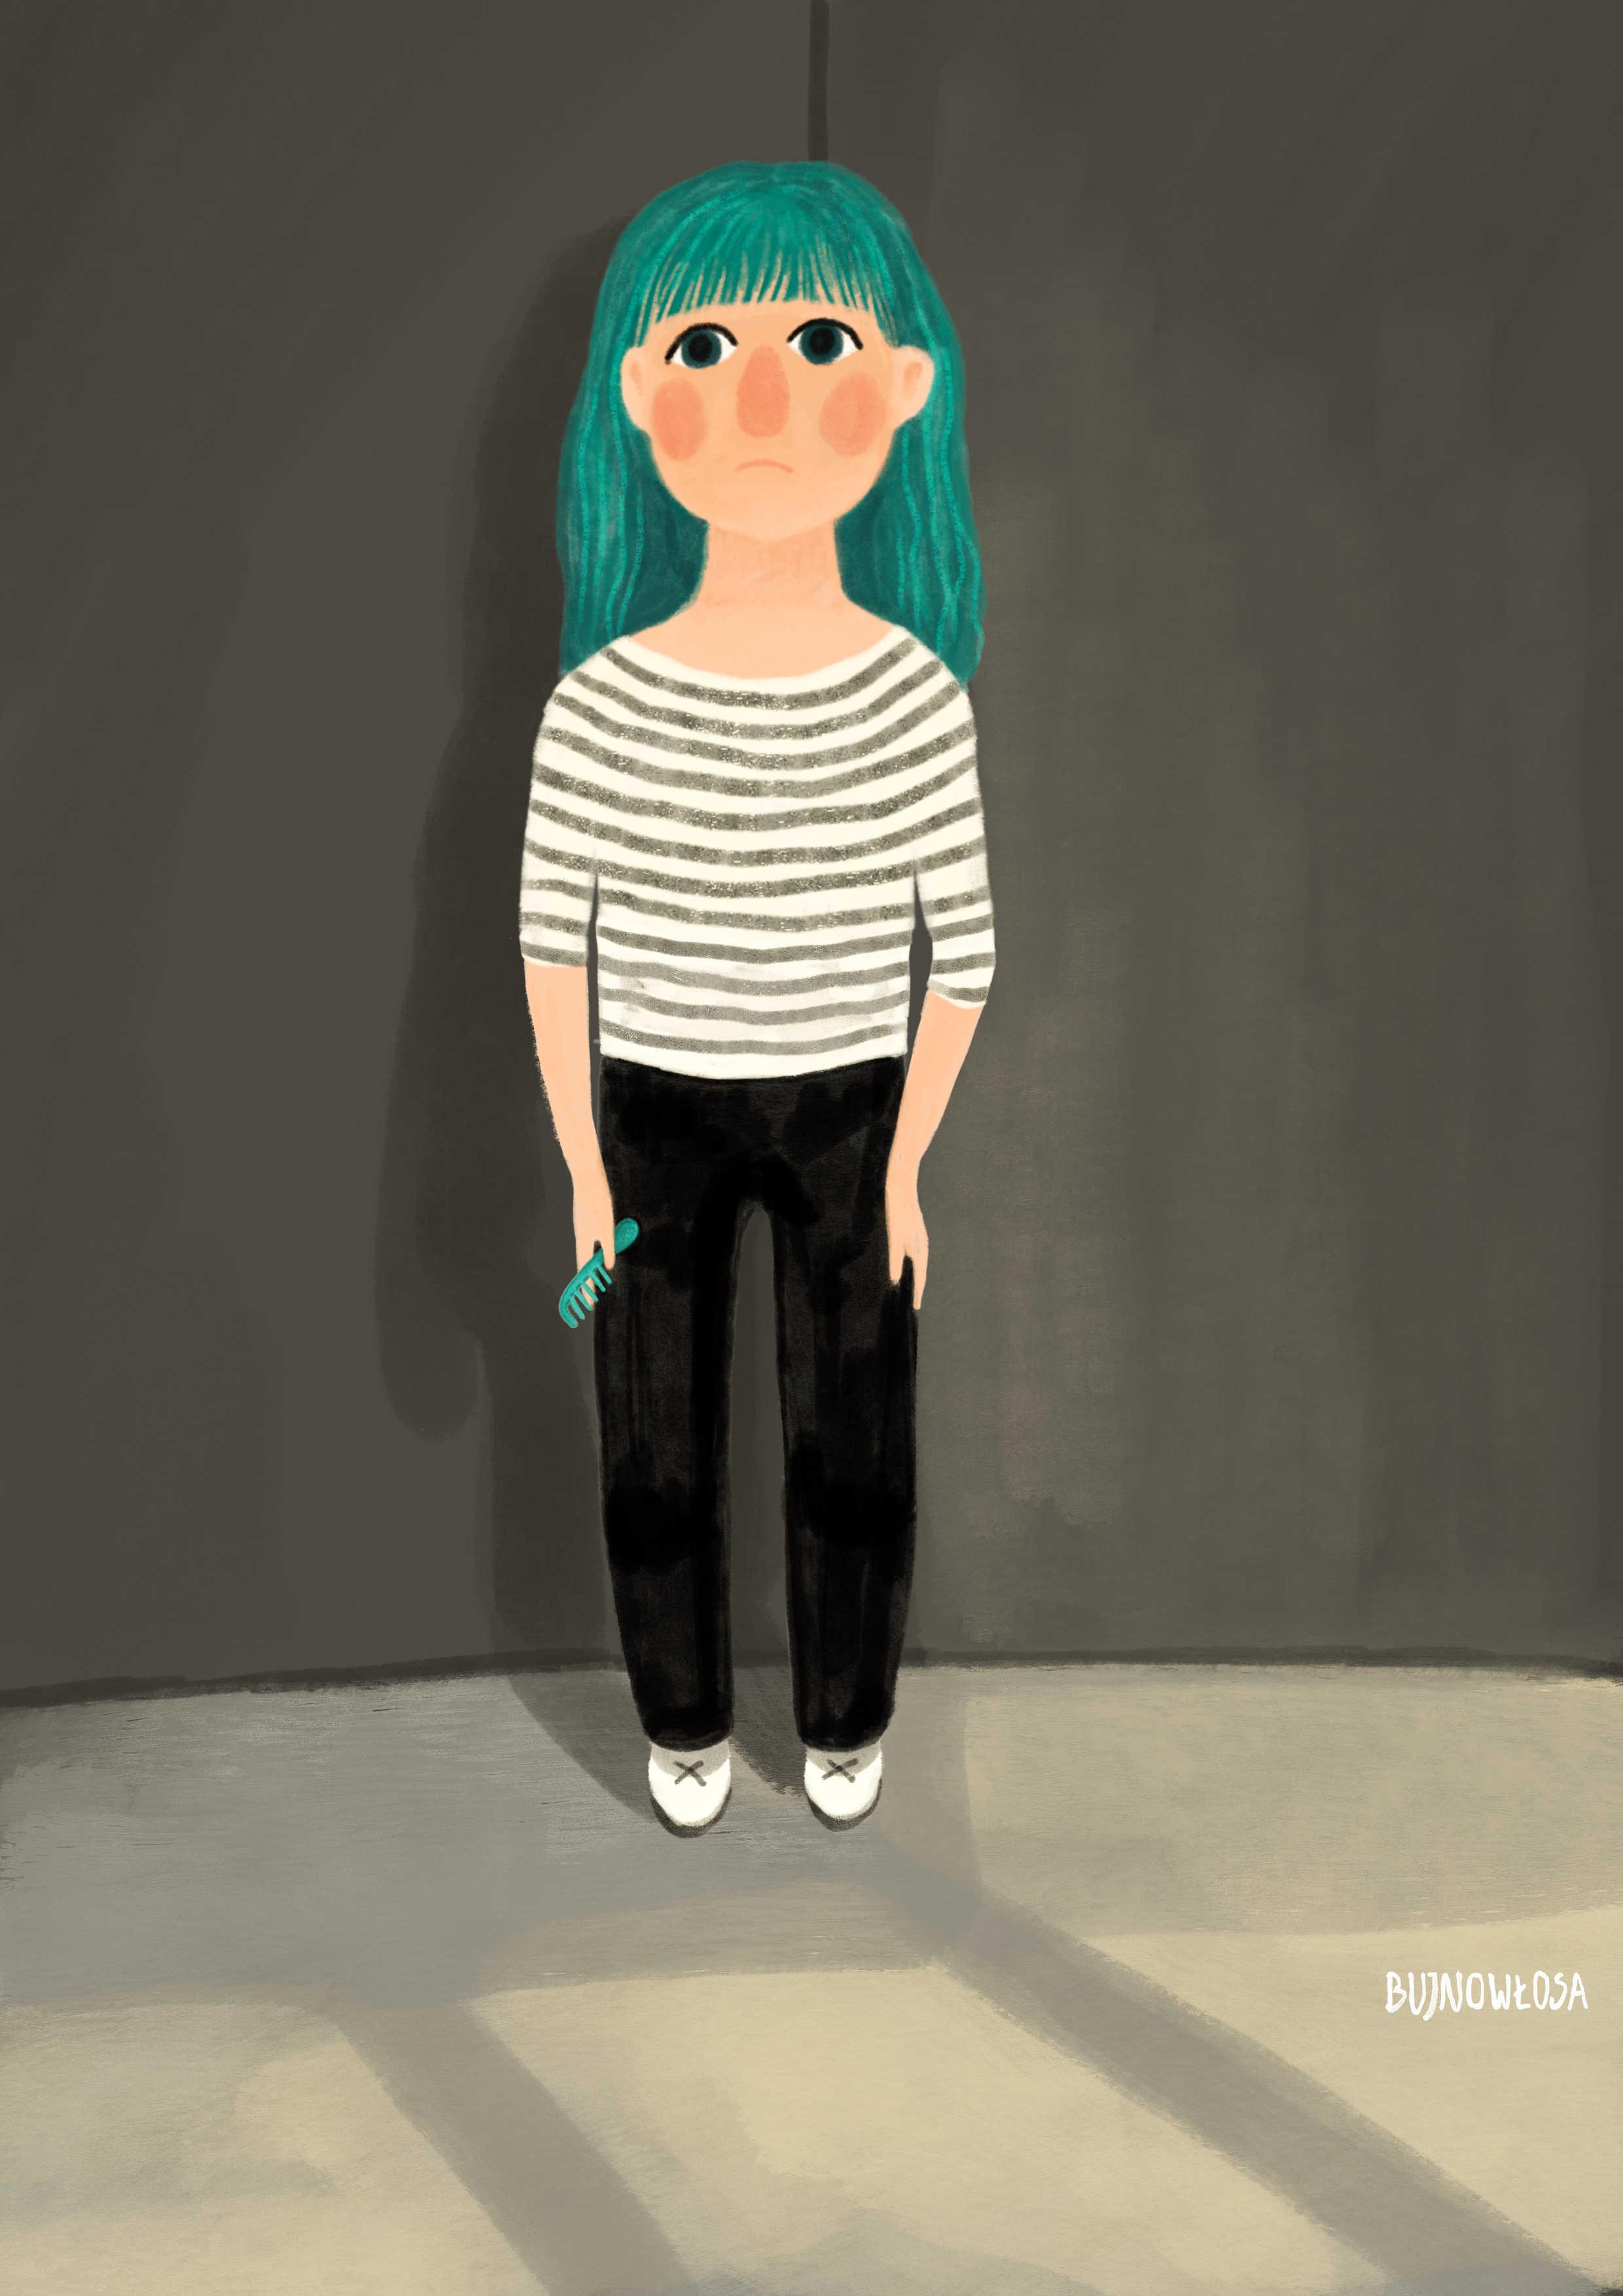 Dziewczynka z kolorowymi włosami